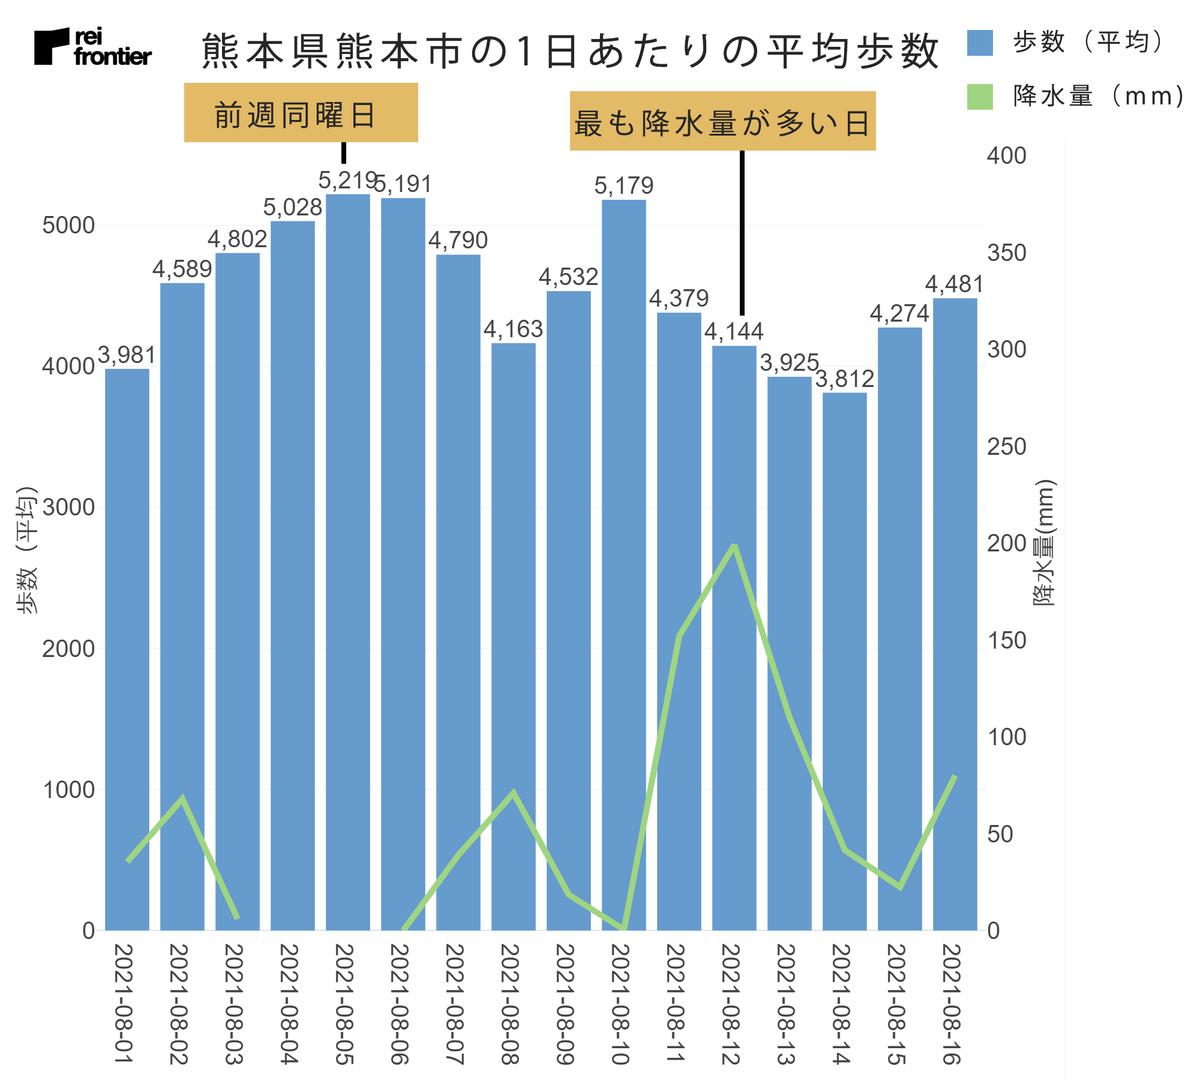 熊本県熊本市の1日あたりの平均歩数